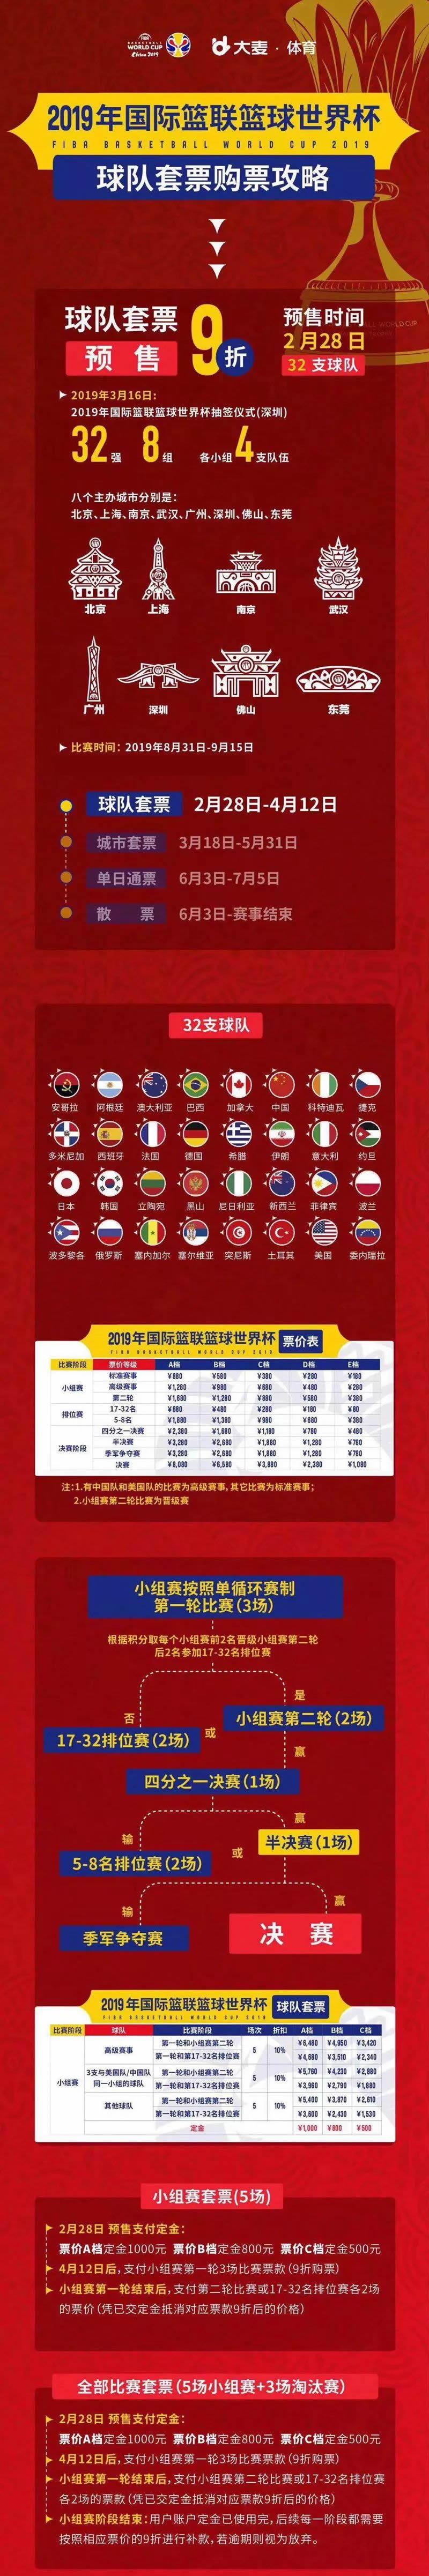 2019篮球全国杯门票何时开售及售票功夫